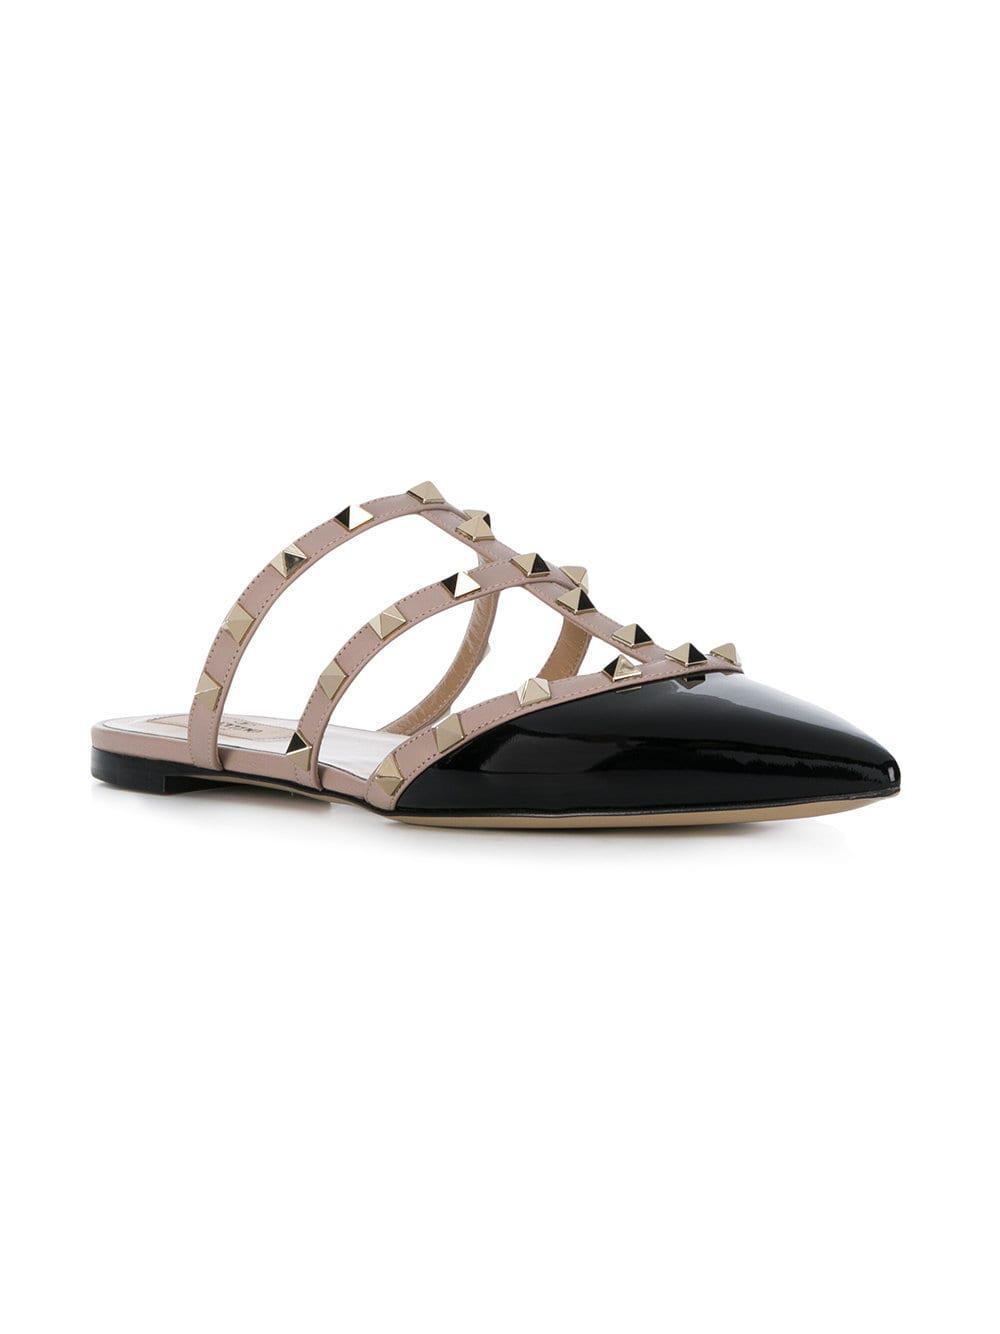 5967395080b8 Lyst - Valentino Garavani Rockstud Slippers in Black